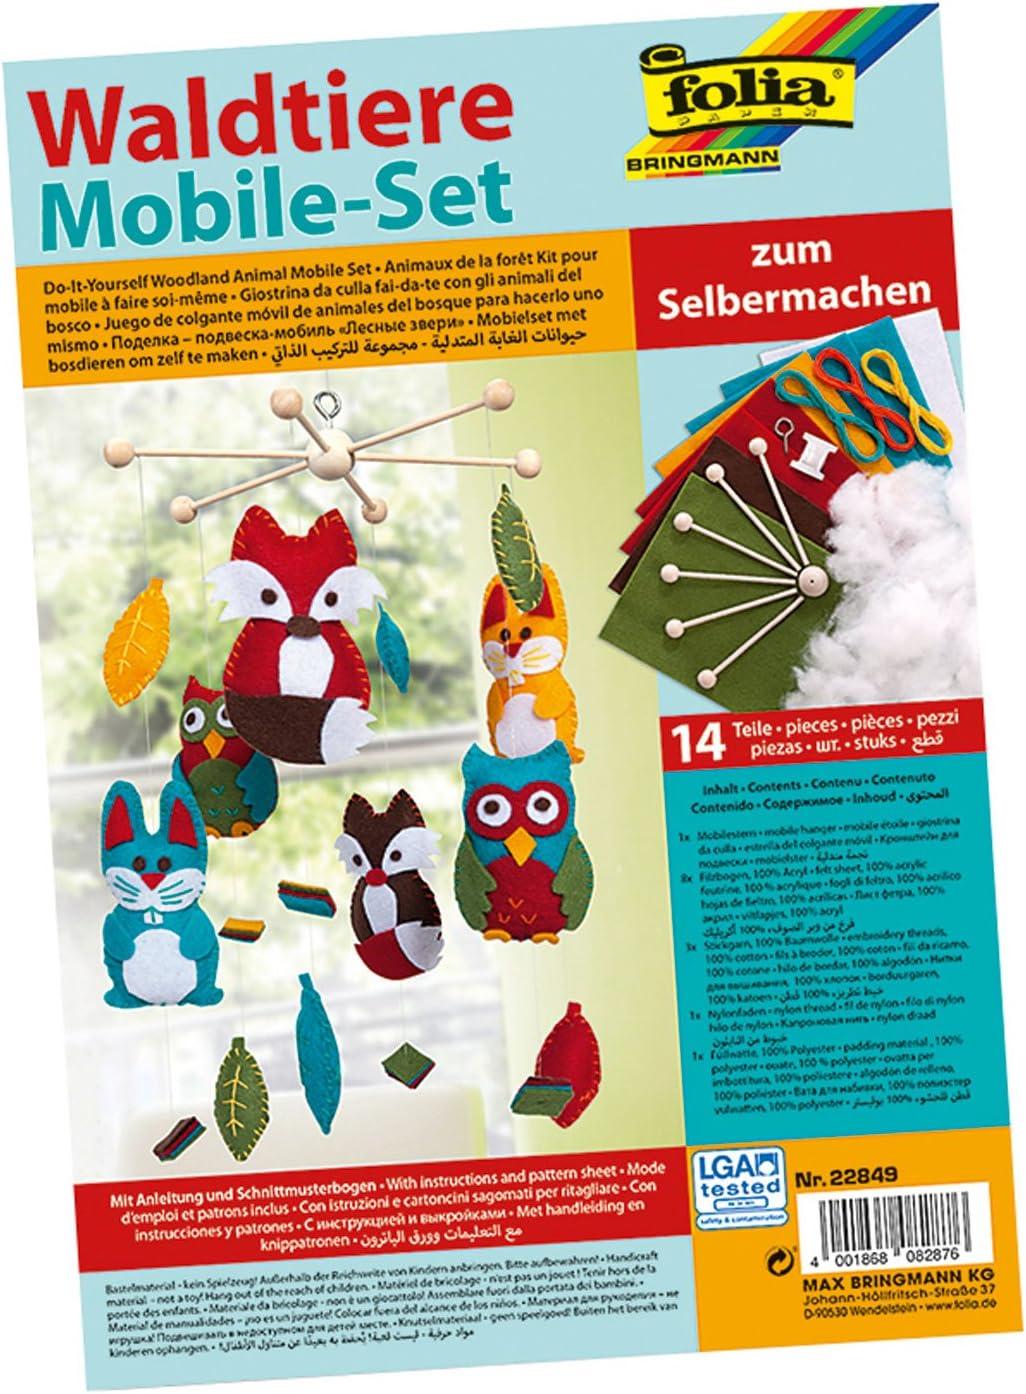 folia 22859 mit 14 Teilen Anleitung und Schnittmusterbogen Mobile Set Fahrzeuge zum Selbermachen Komplettset zur Erstellung eines Mobiles